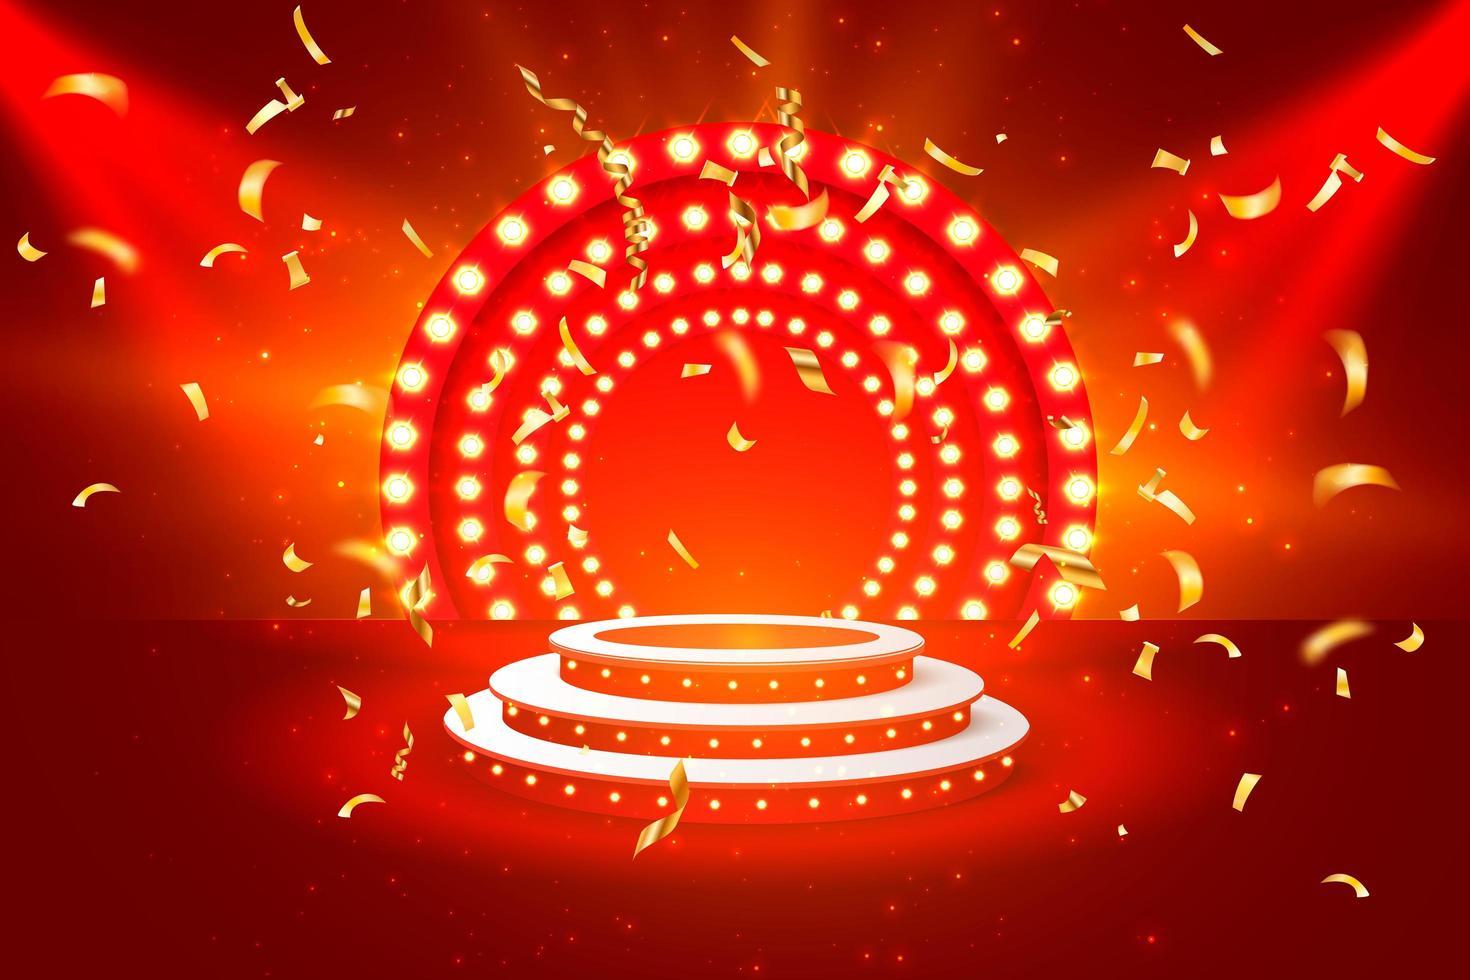 jackpot casino podio monete d'oro banner vettore